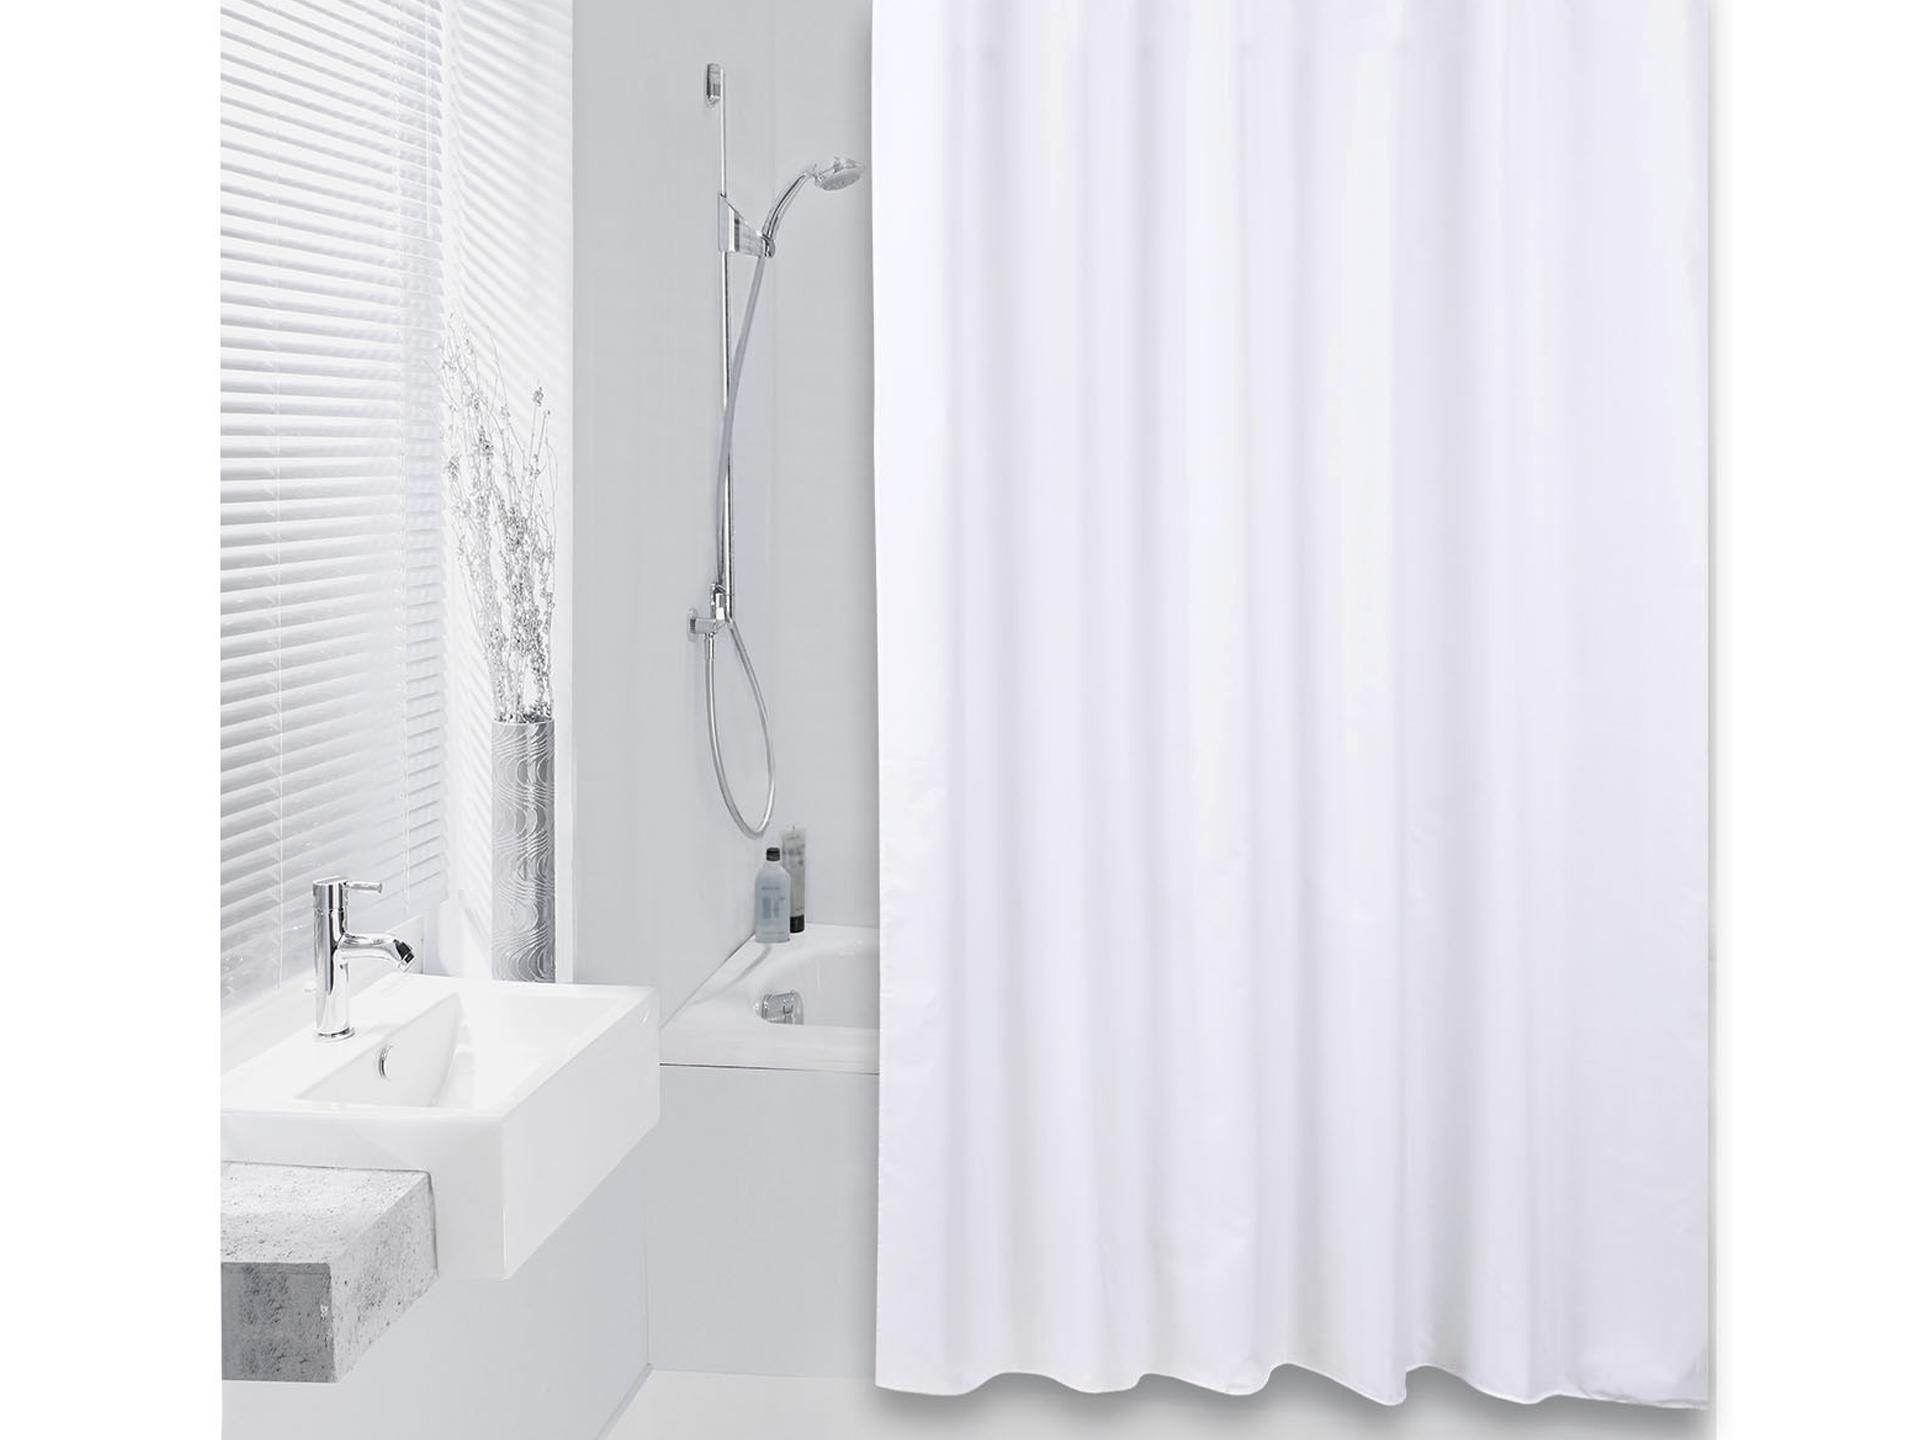 douchegordijn 220 cm lang noel 2017. Black Bedroom Furniture Sets. Home Design Ideas